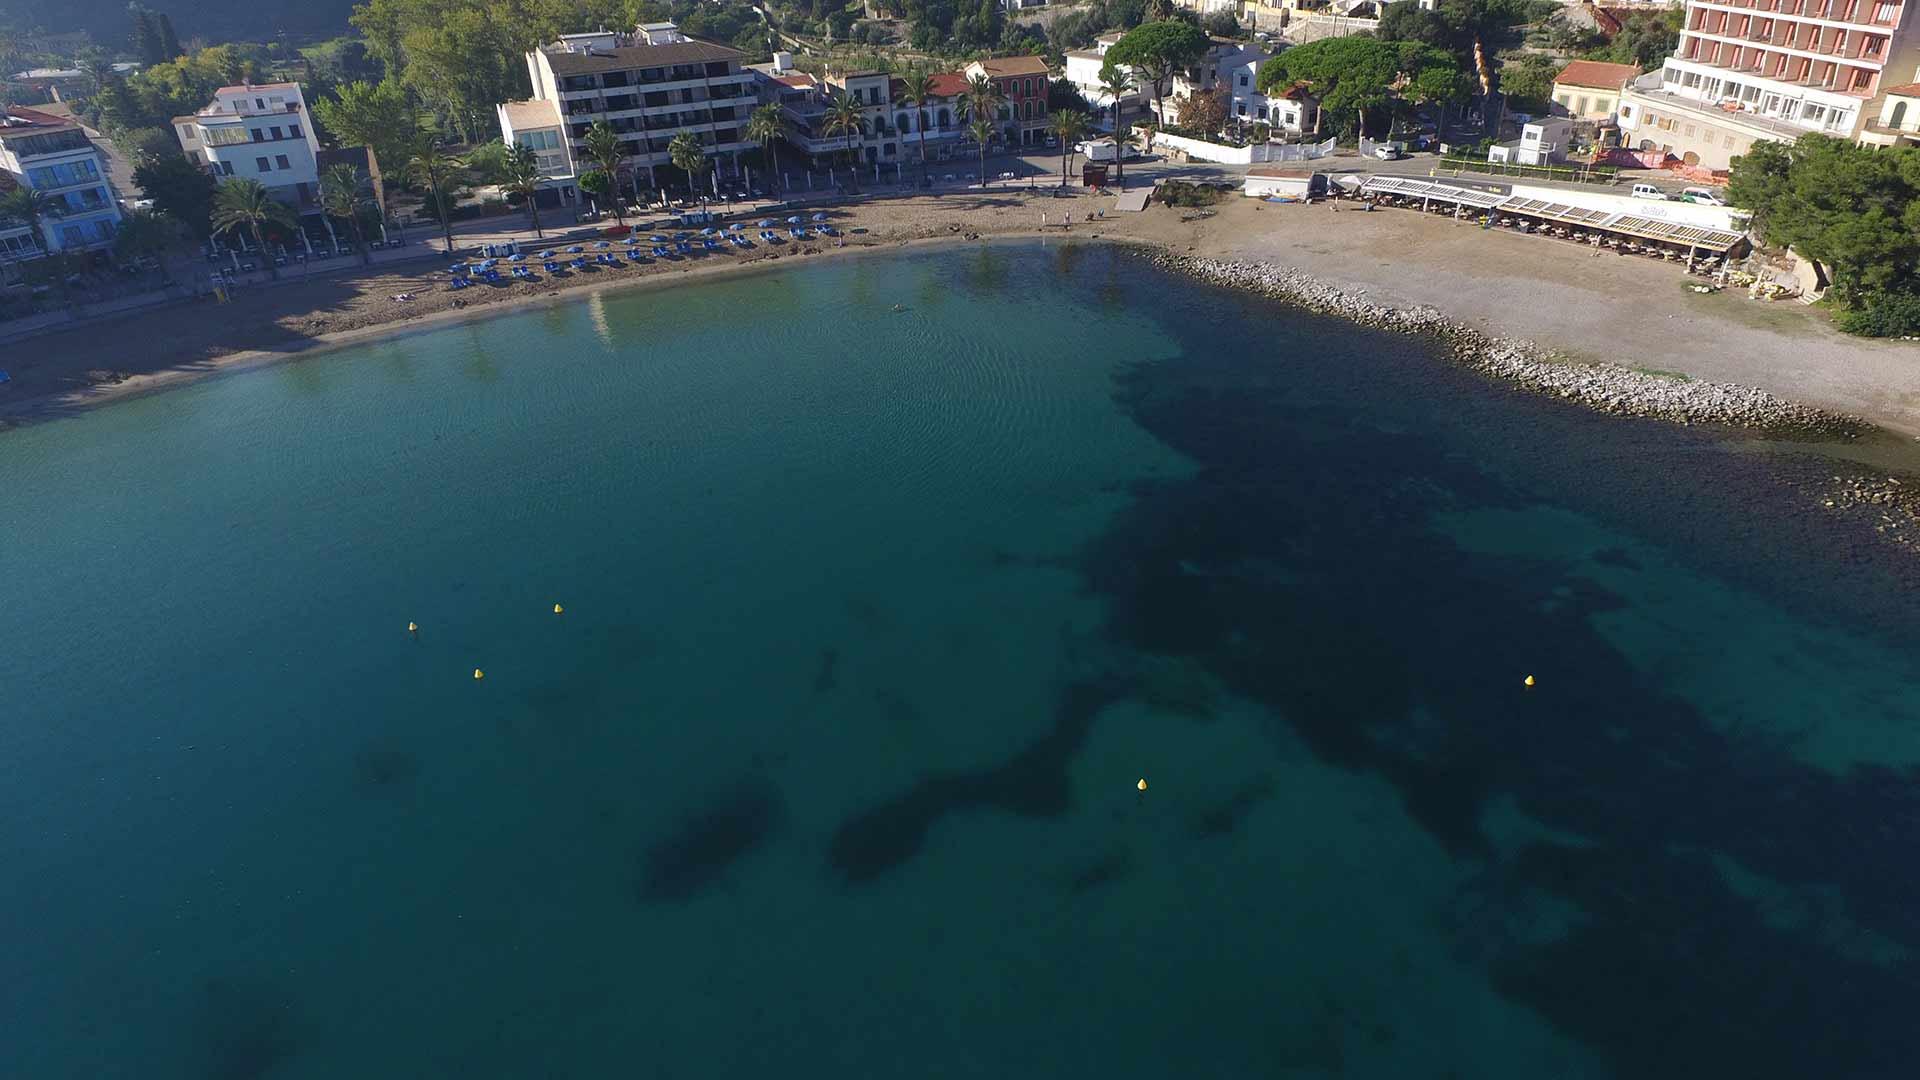 PortdeSoller PlayaRepicAETIB 1 - Paisajes de otoño en Mallorca: Viaje en tren al Valle de los Naranjos de Sóller